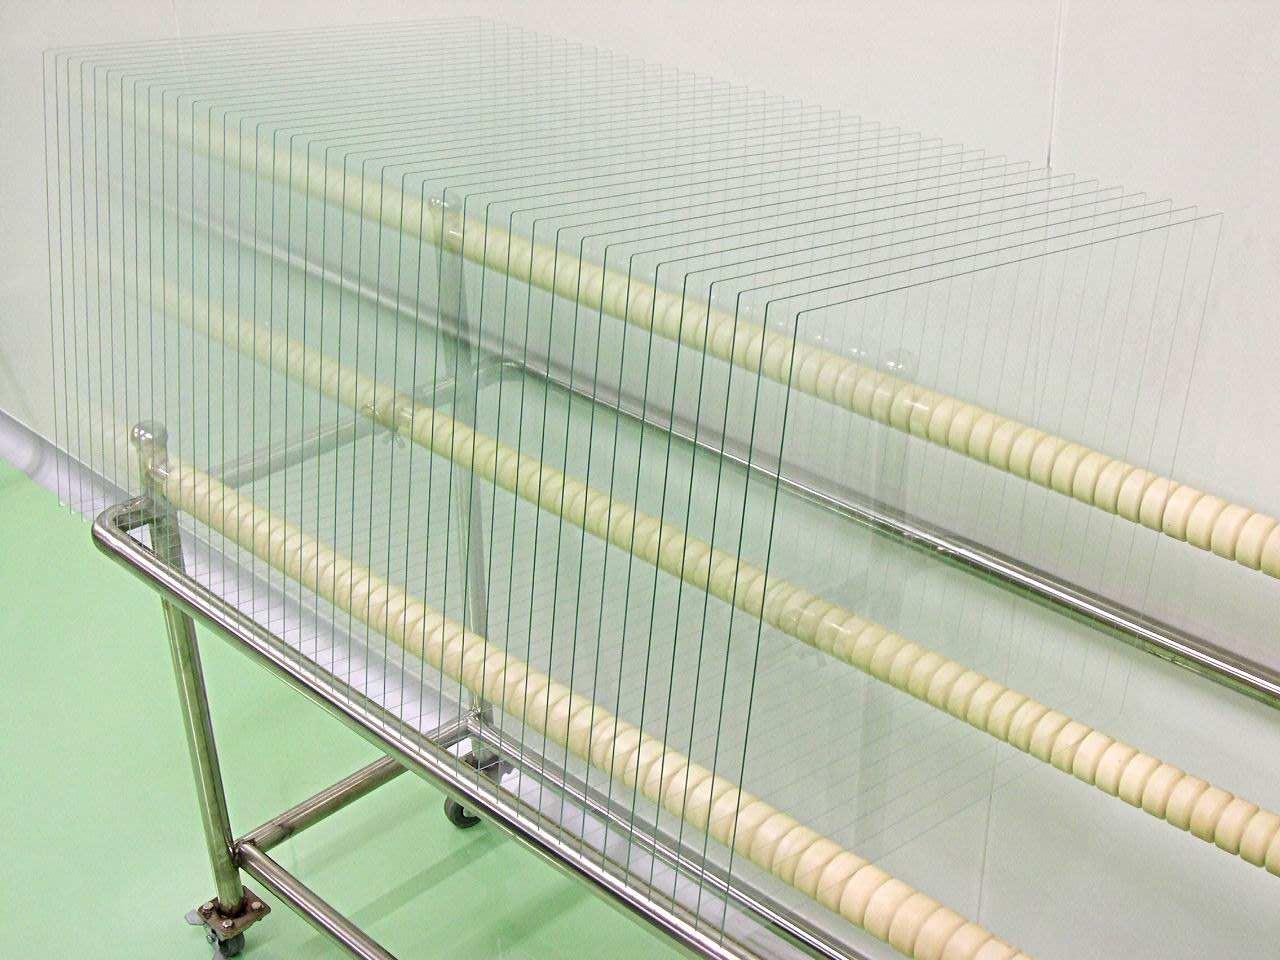 用什么测量ITO导电玻璃平整度又快又精确?